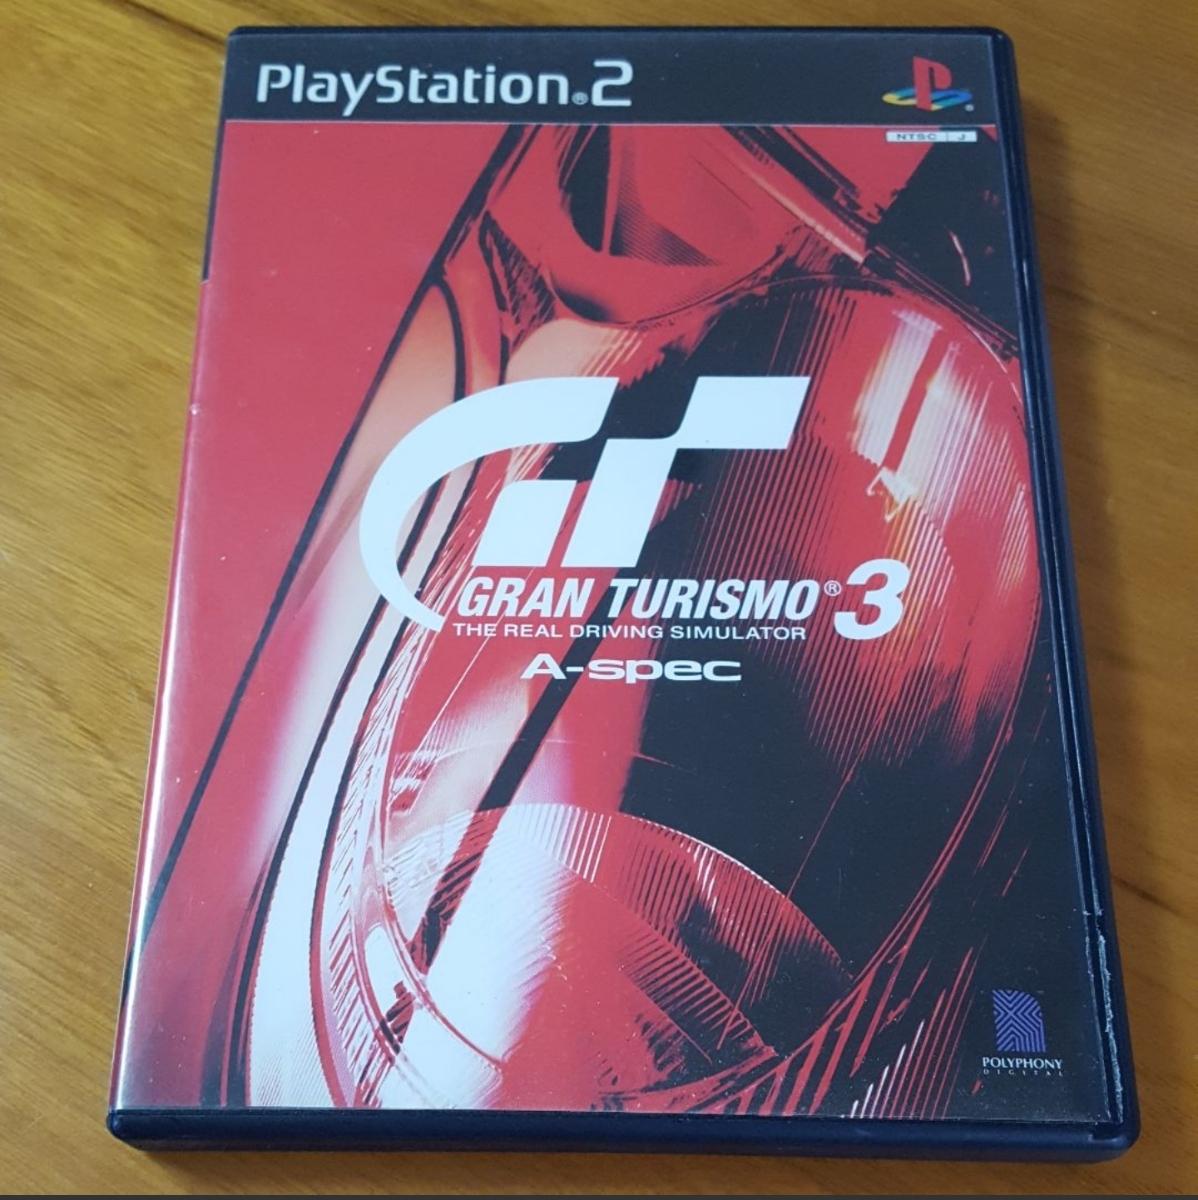 【送料込み・同梱200円引き】 中古 PS2 グランツーリスモ3 A-Spec プレイステーション2 ゲーム ゲームソフト